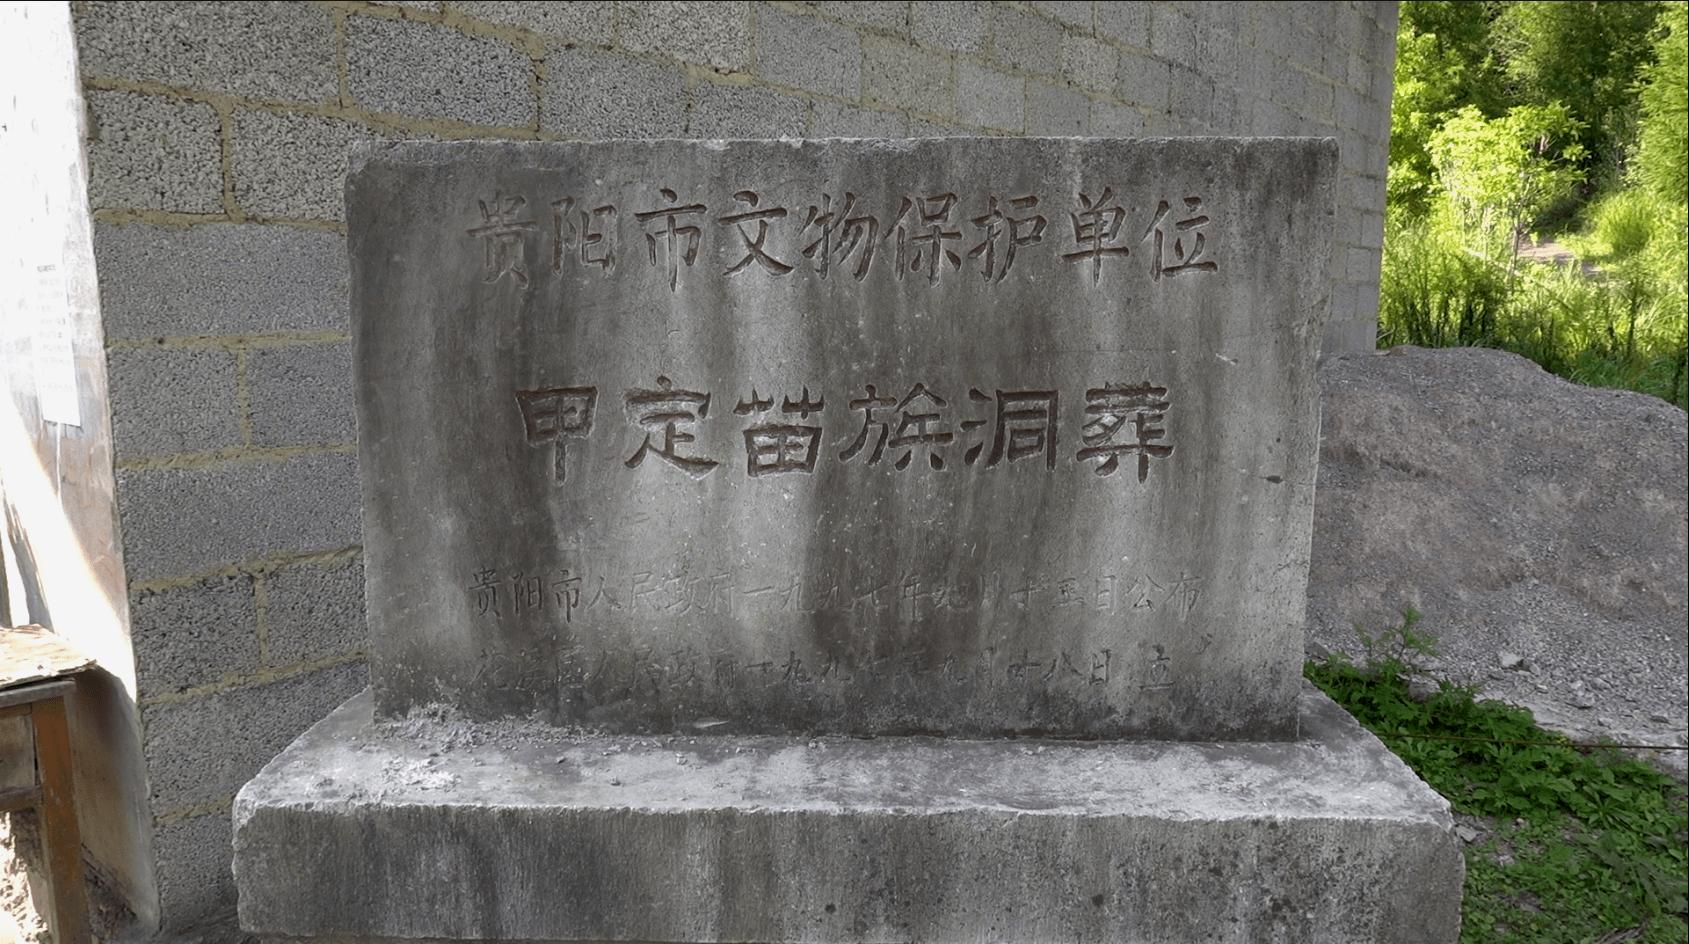 """原创             探秘贵州小山村神秘""""洞葬"""",数百口棺材摆满山洞,看了后背发冷"""